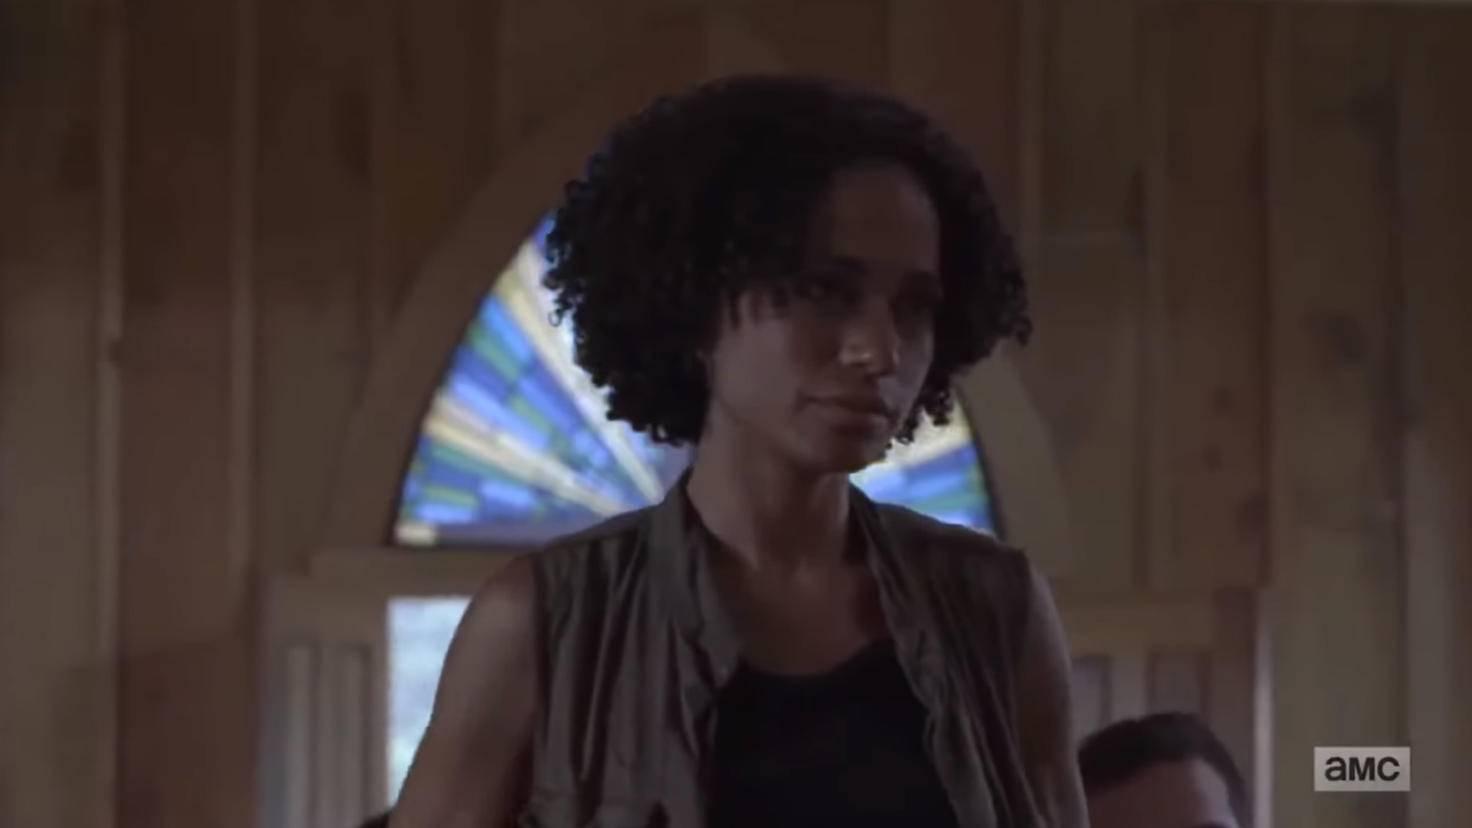 Connie ist auf eine Person während der Zombieapokalypse unbedingt angewiesen.